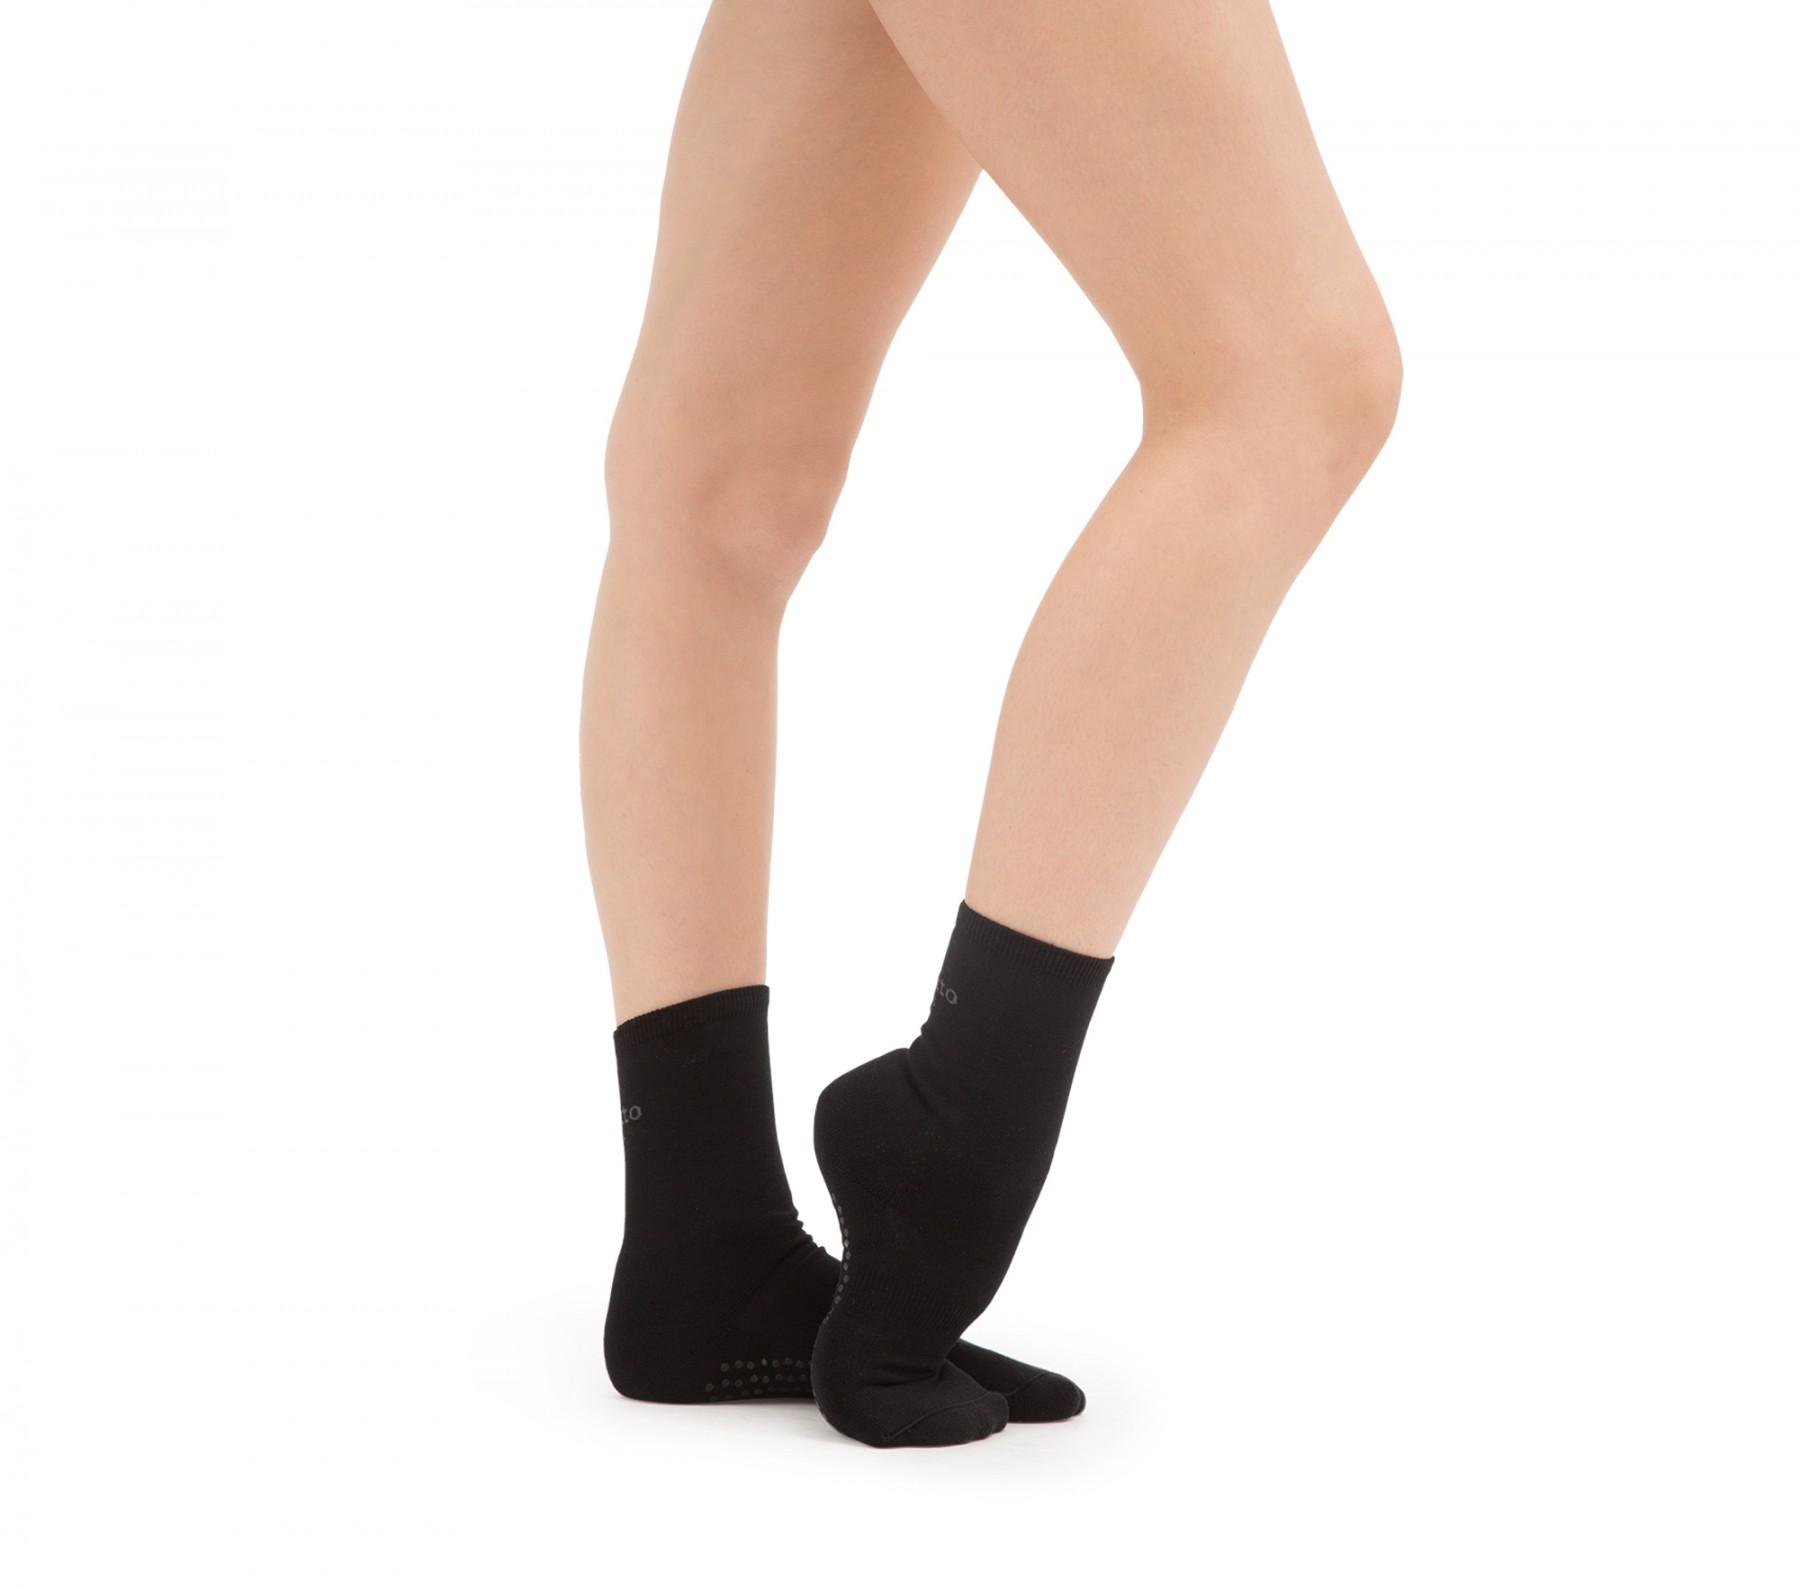 Calzini antiscivolo per riscaldamento